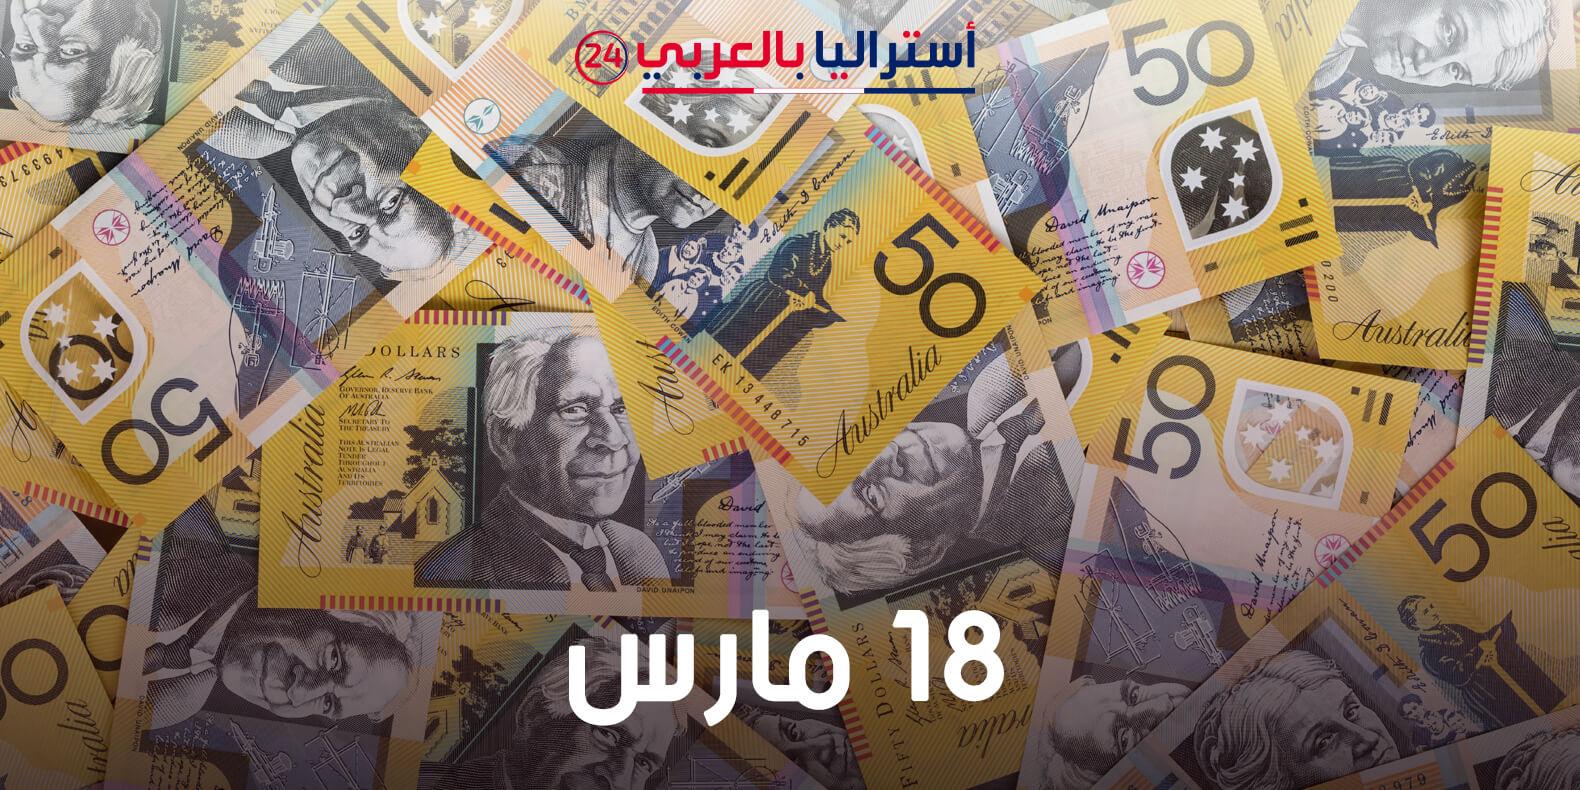 سعر الدولار الاسترالي مقابل العملات العالمية والعربية اليوم 18 مارس